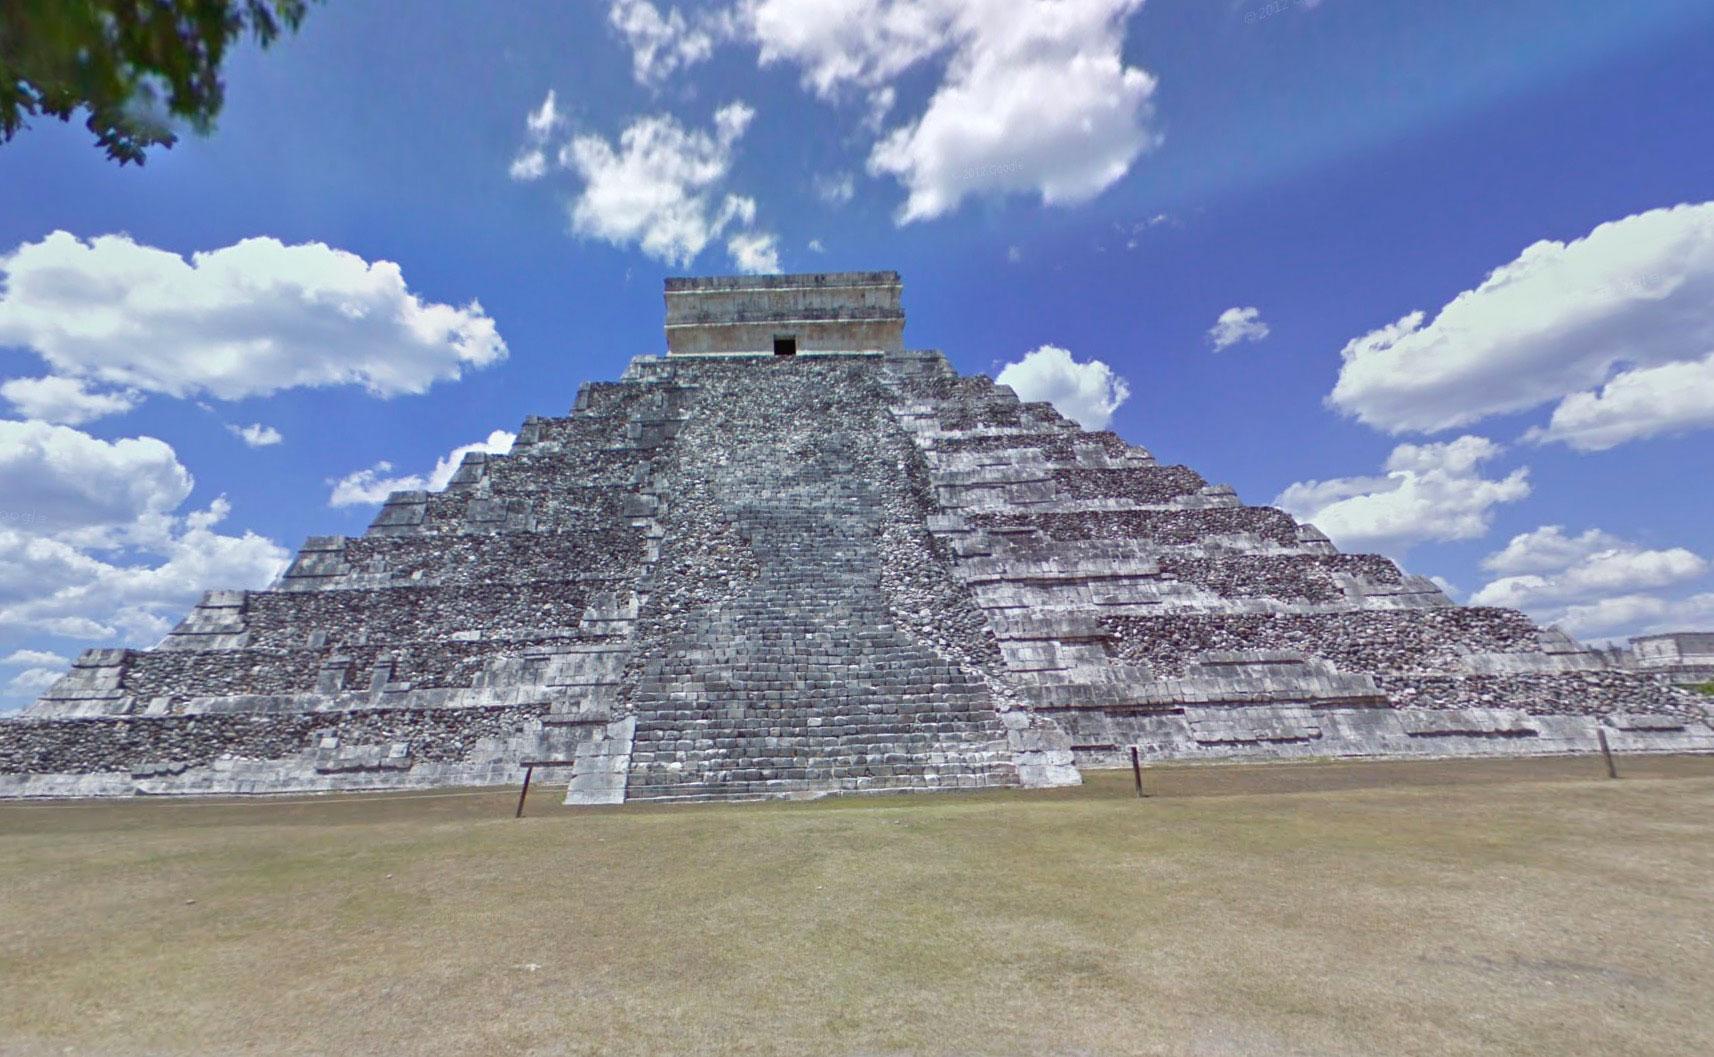 El Castillo, une pyramide à degrés